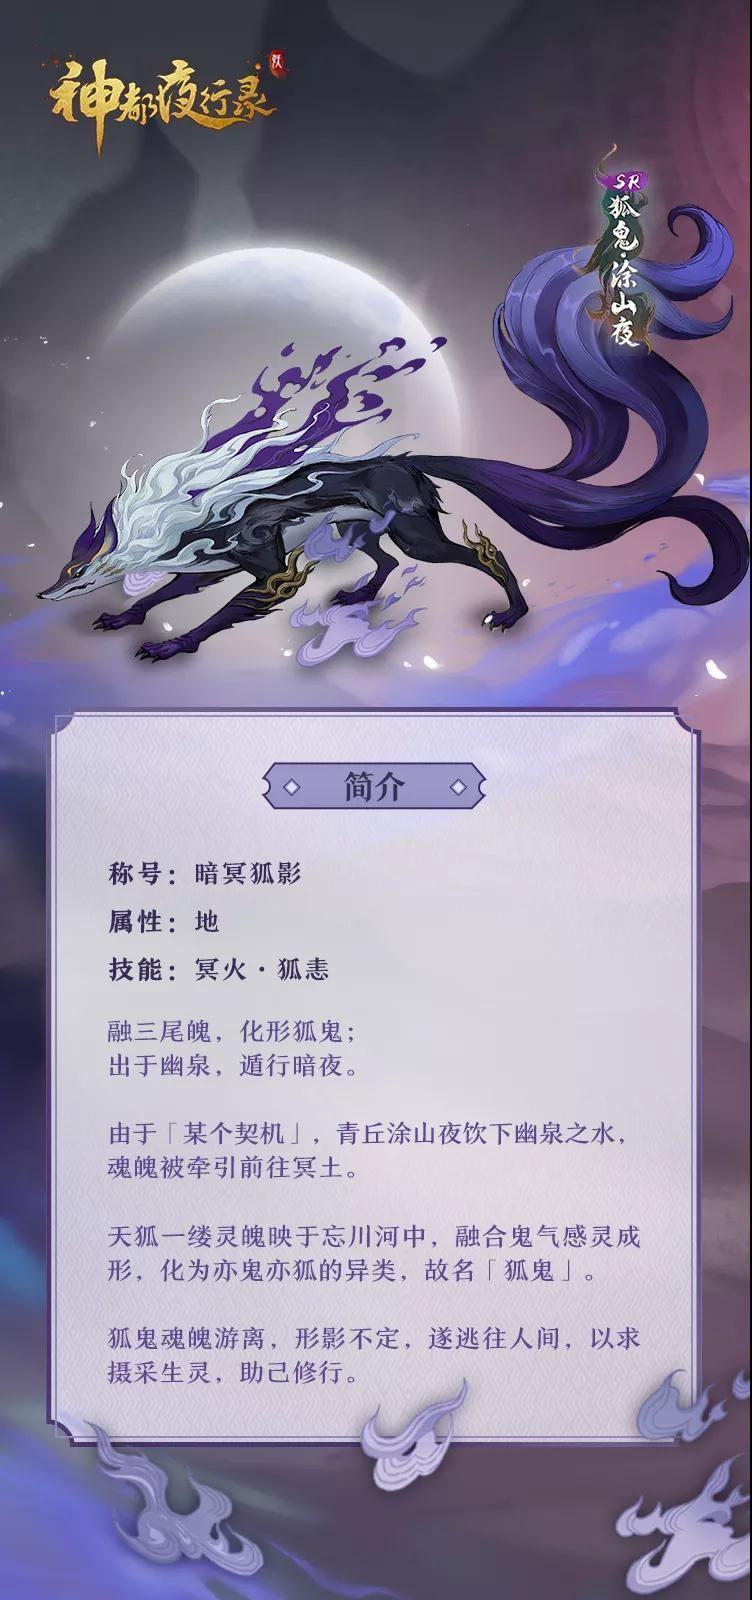 """《神都夜行录》呦呦夜鸣 狐火鬼影 全新SR妖灵""""狐鬼·涂山夜""""全解析3"""